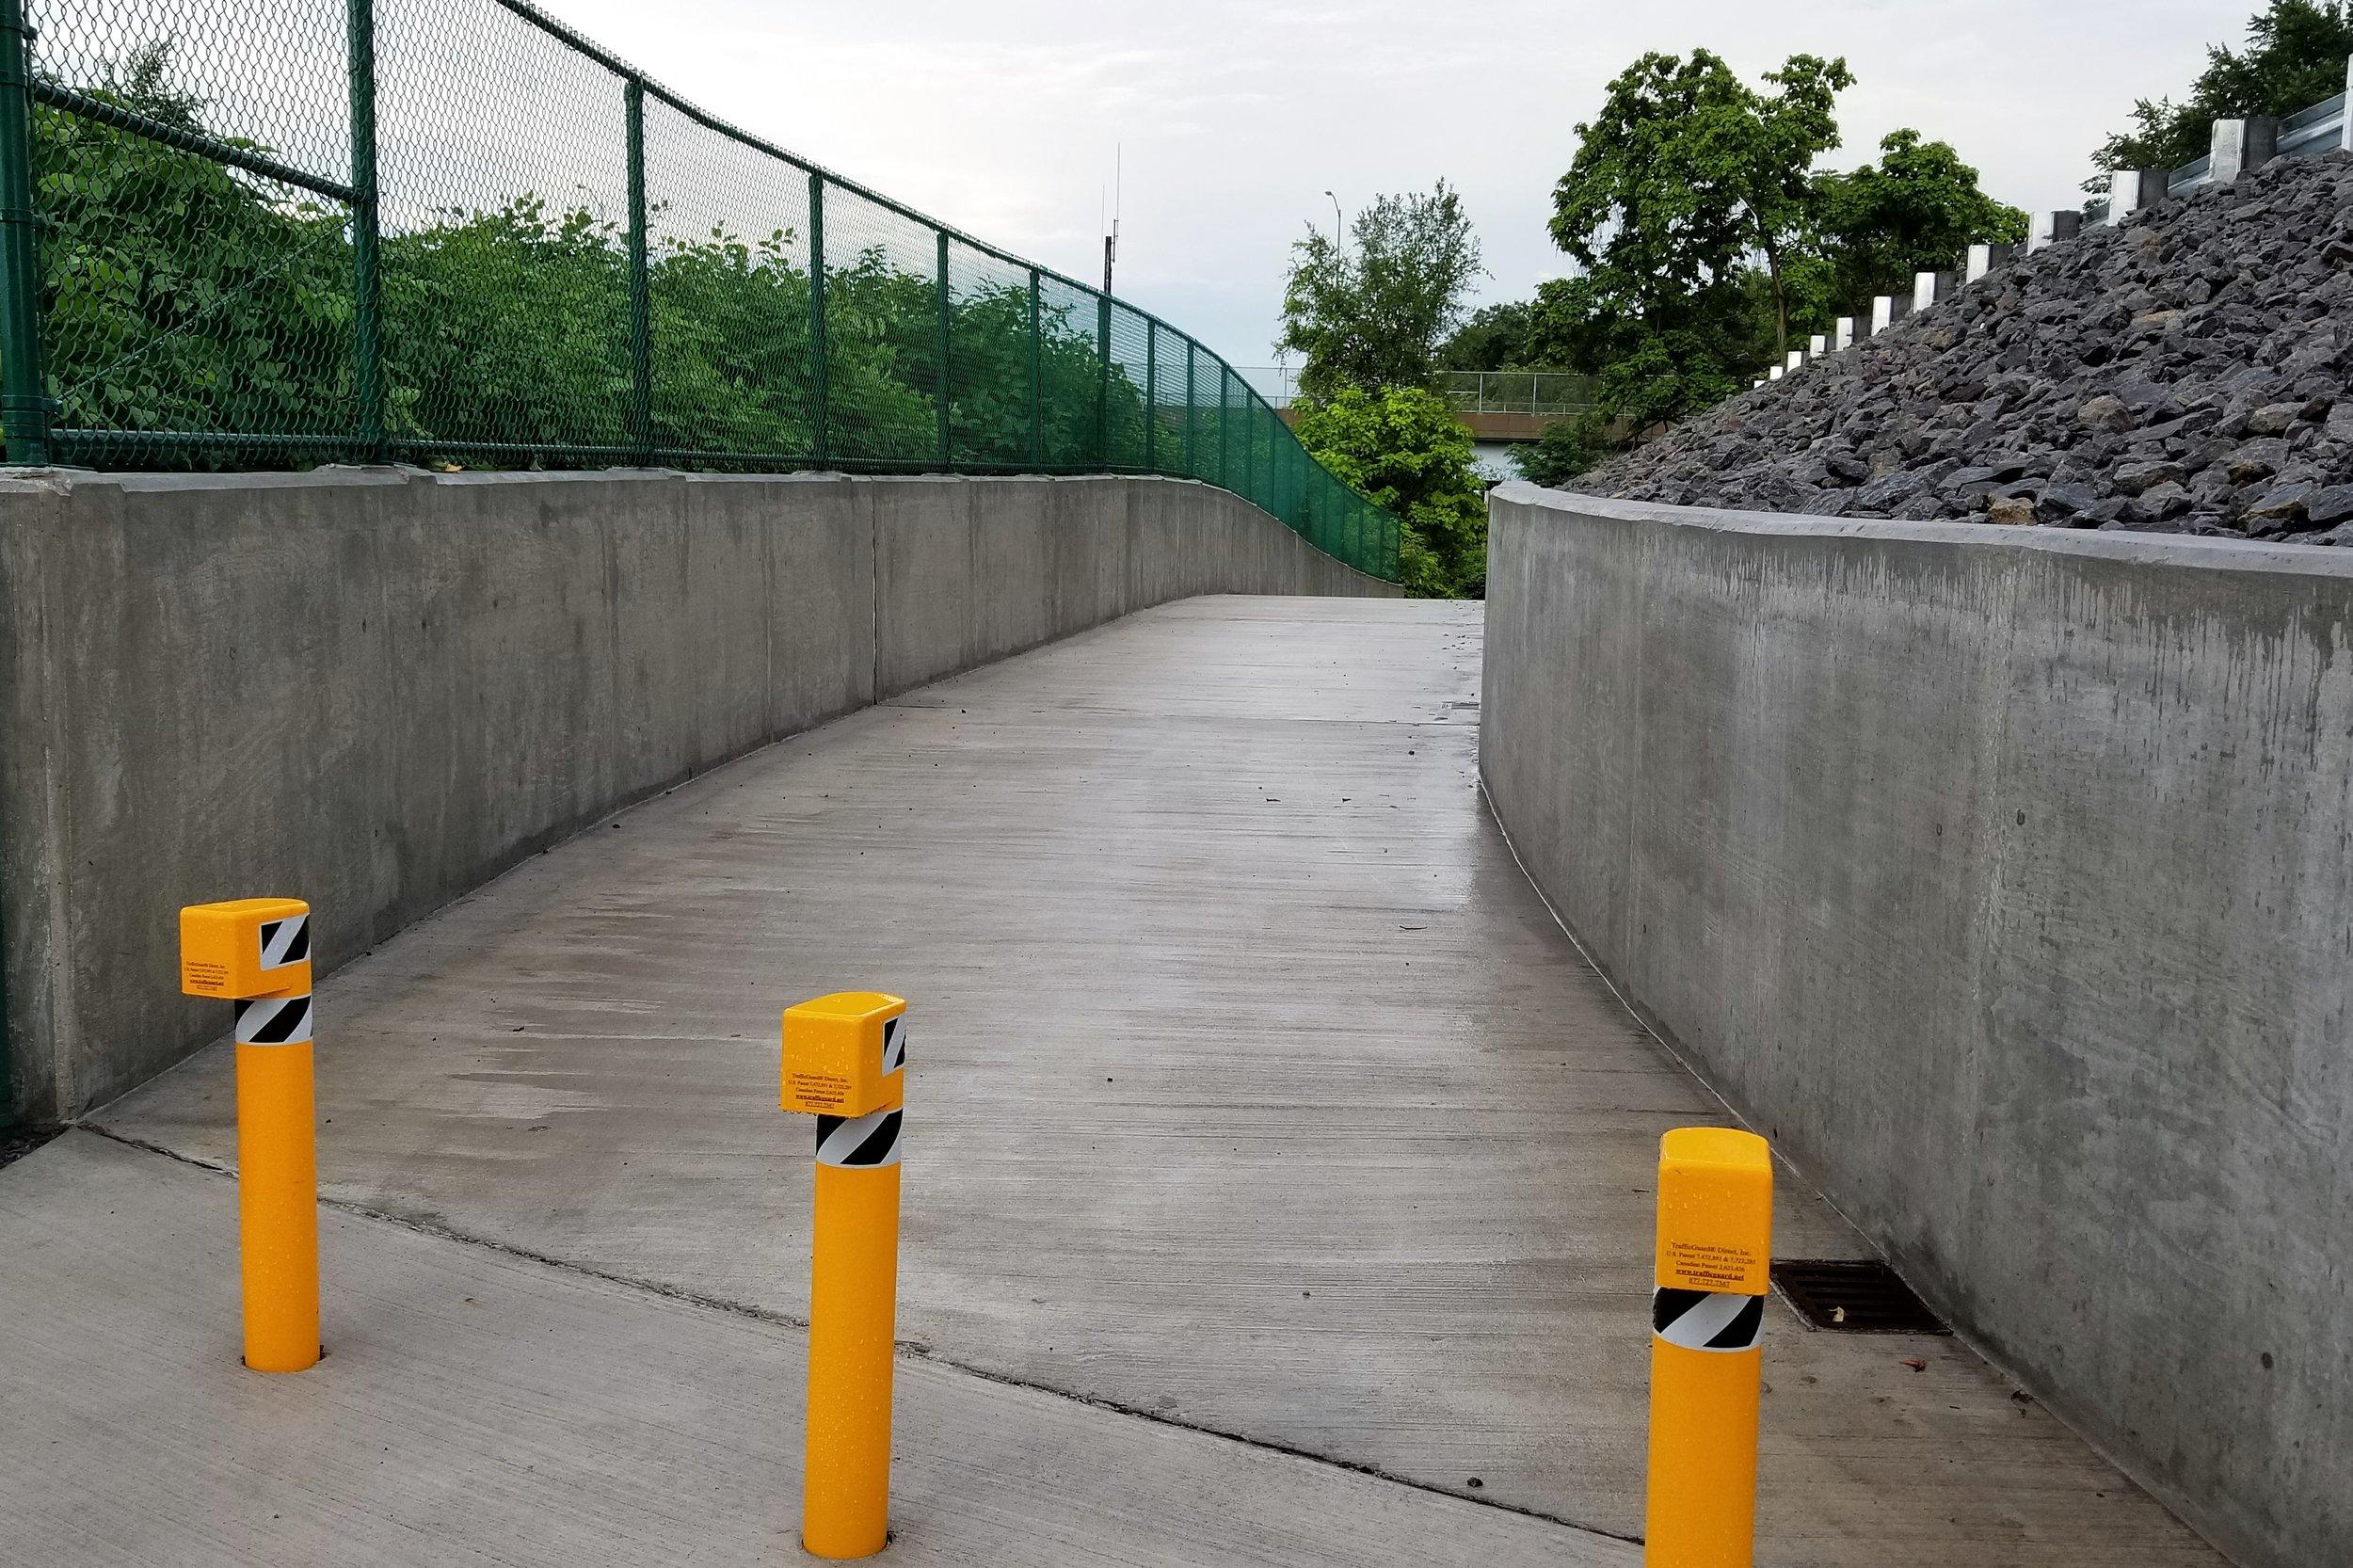 Montour Trail Extension Entrance, 401 Montour St